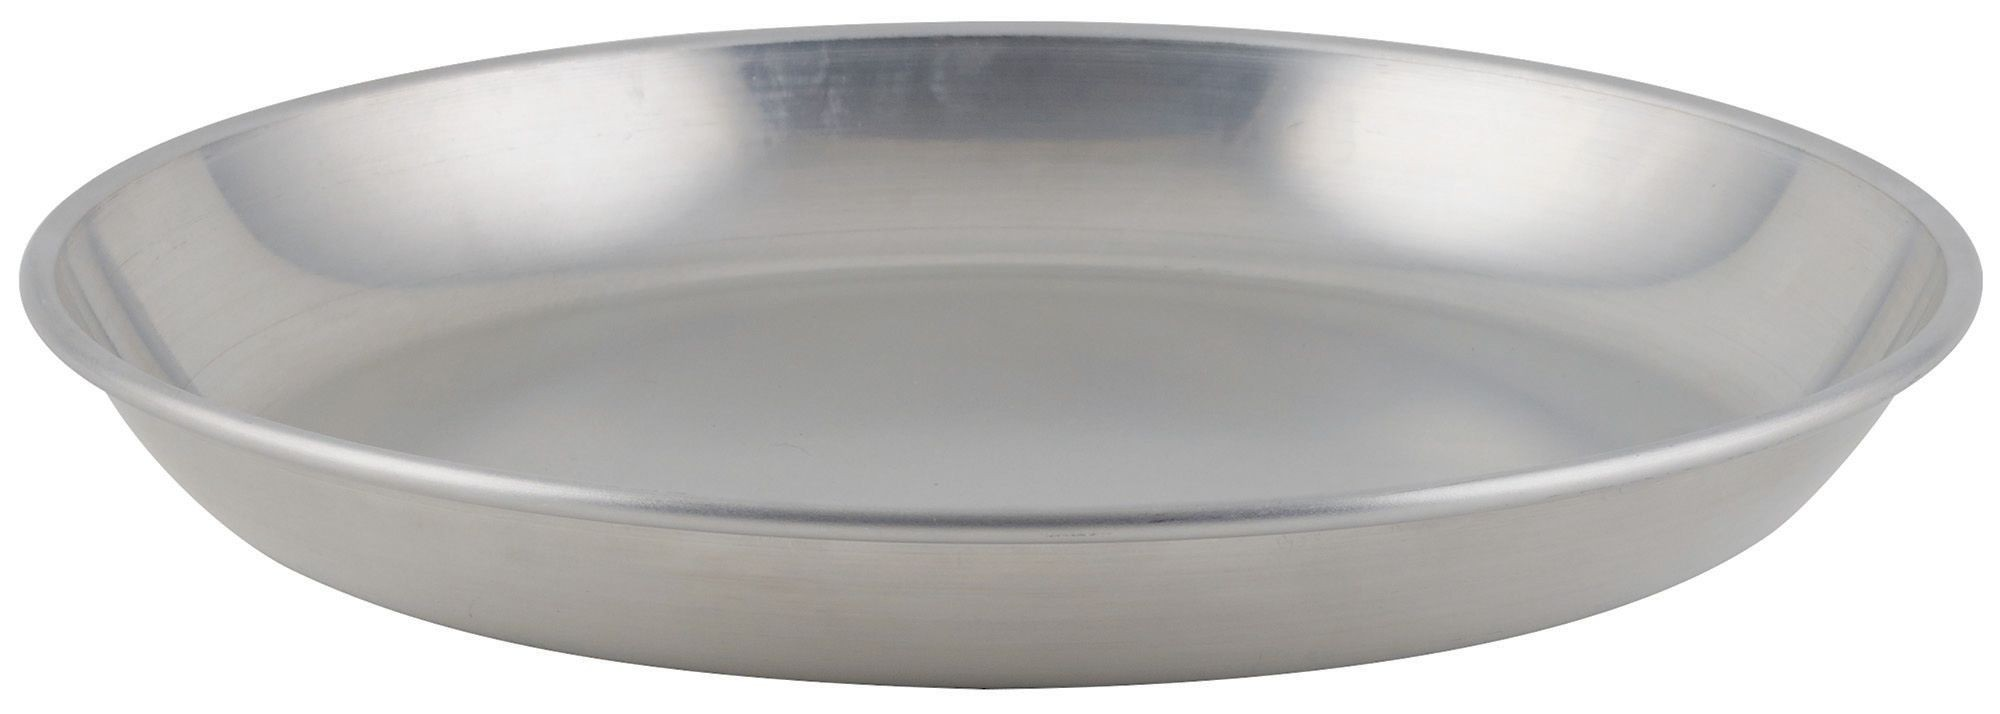 Winco ASFT-12 Aluminum Seafood Tray, 75 oz.